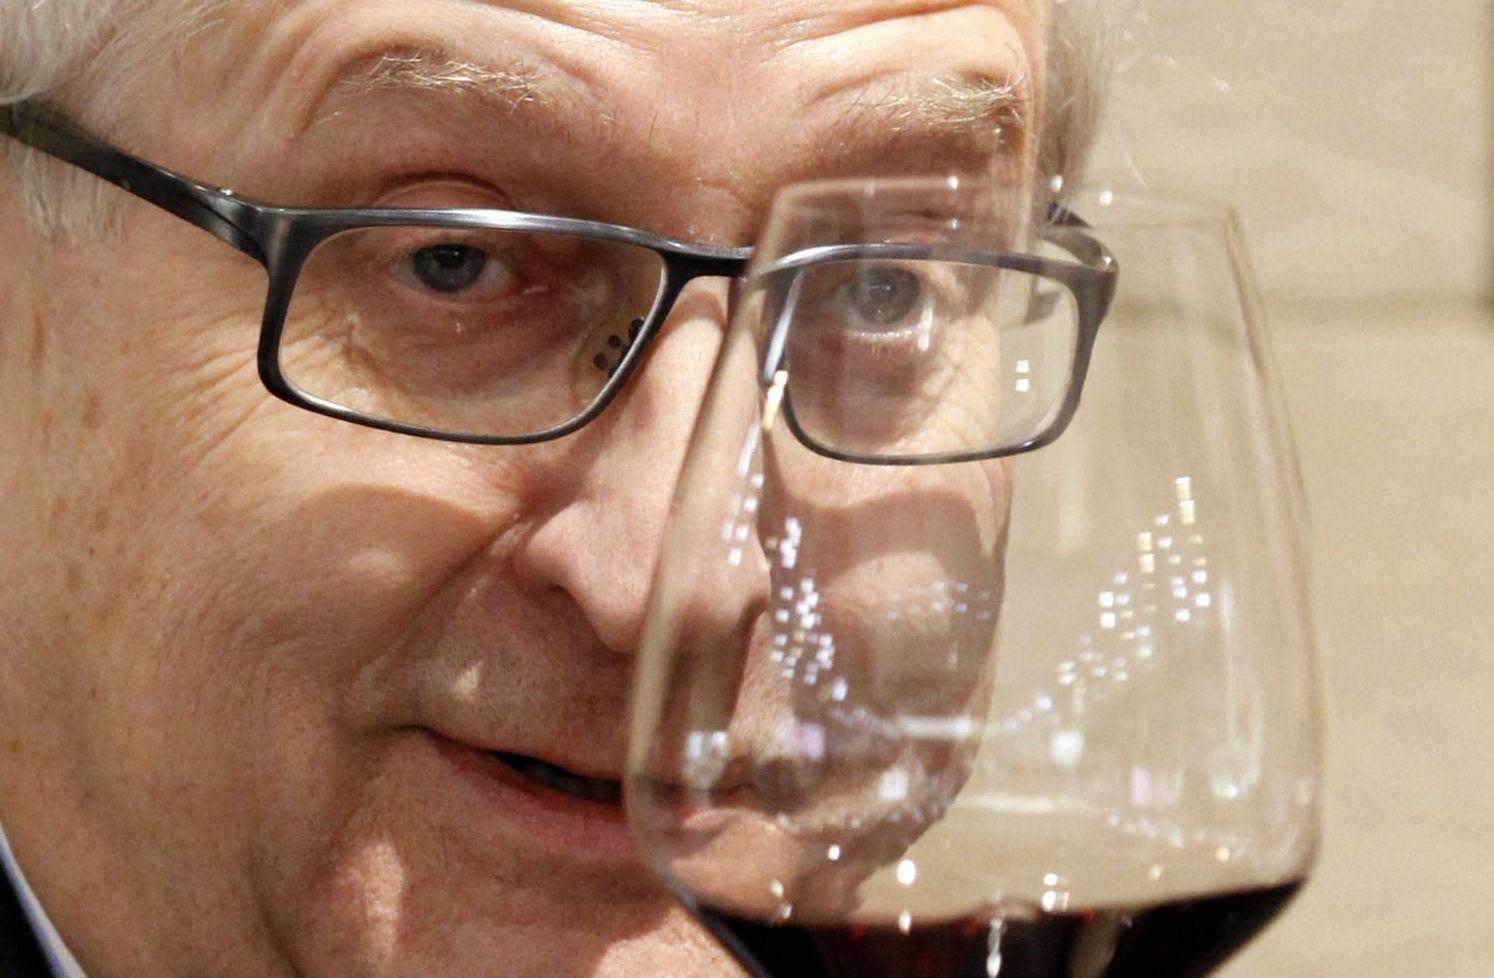 NICHT VERWENDEN Brüderle / Wein